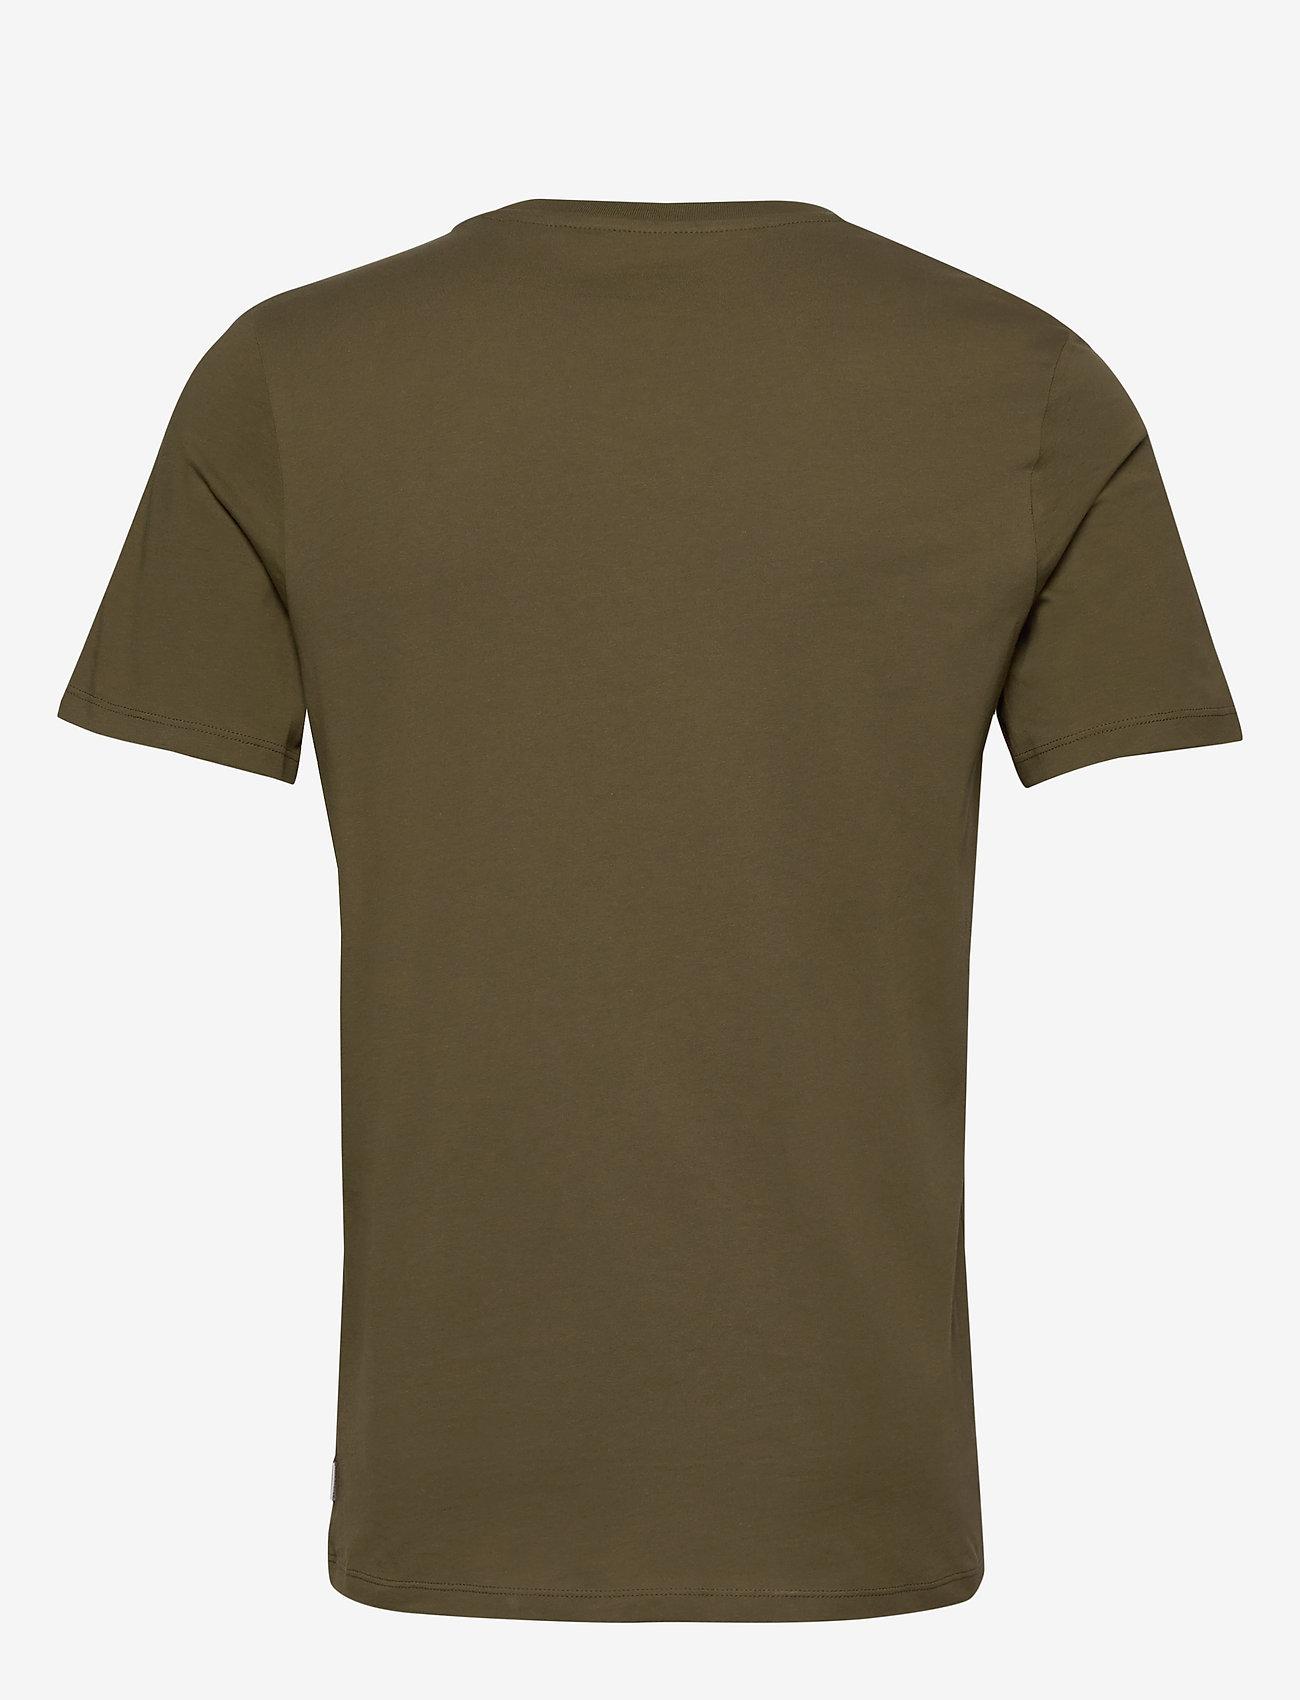 Jack & Jones - JJEPOCKET TEE SS O-NECK - basic t-shirts - olive night - 1